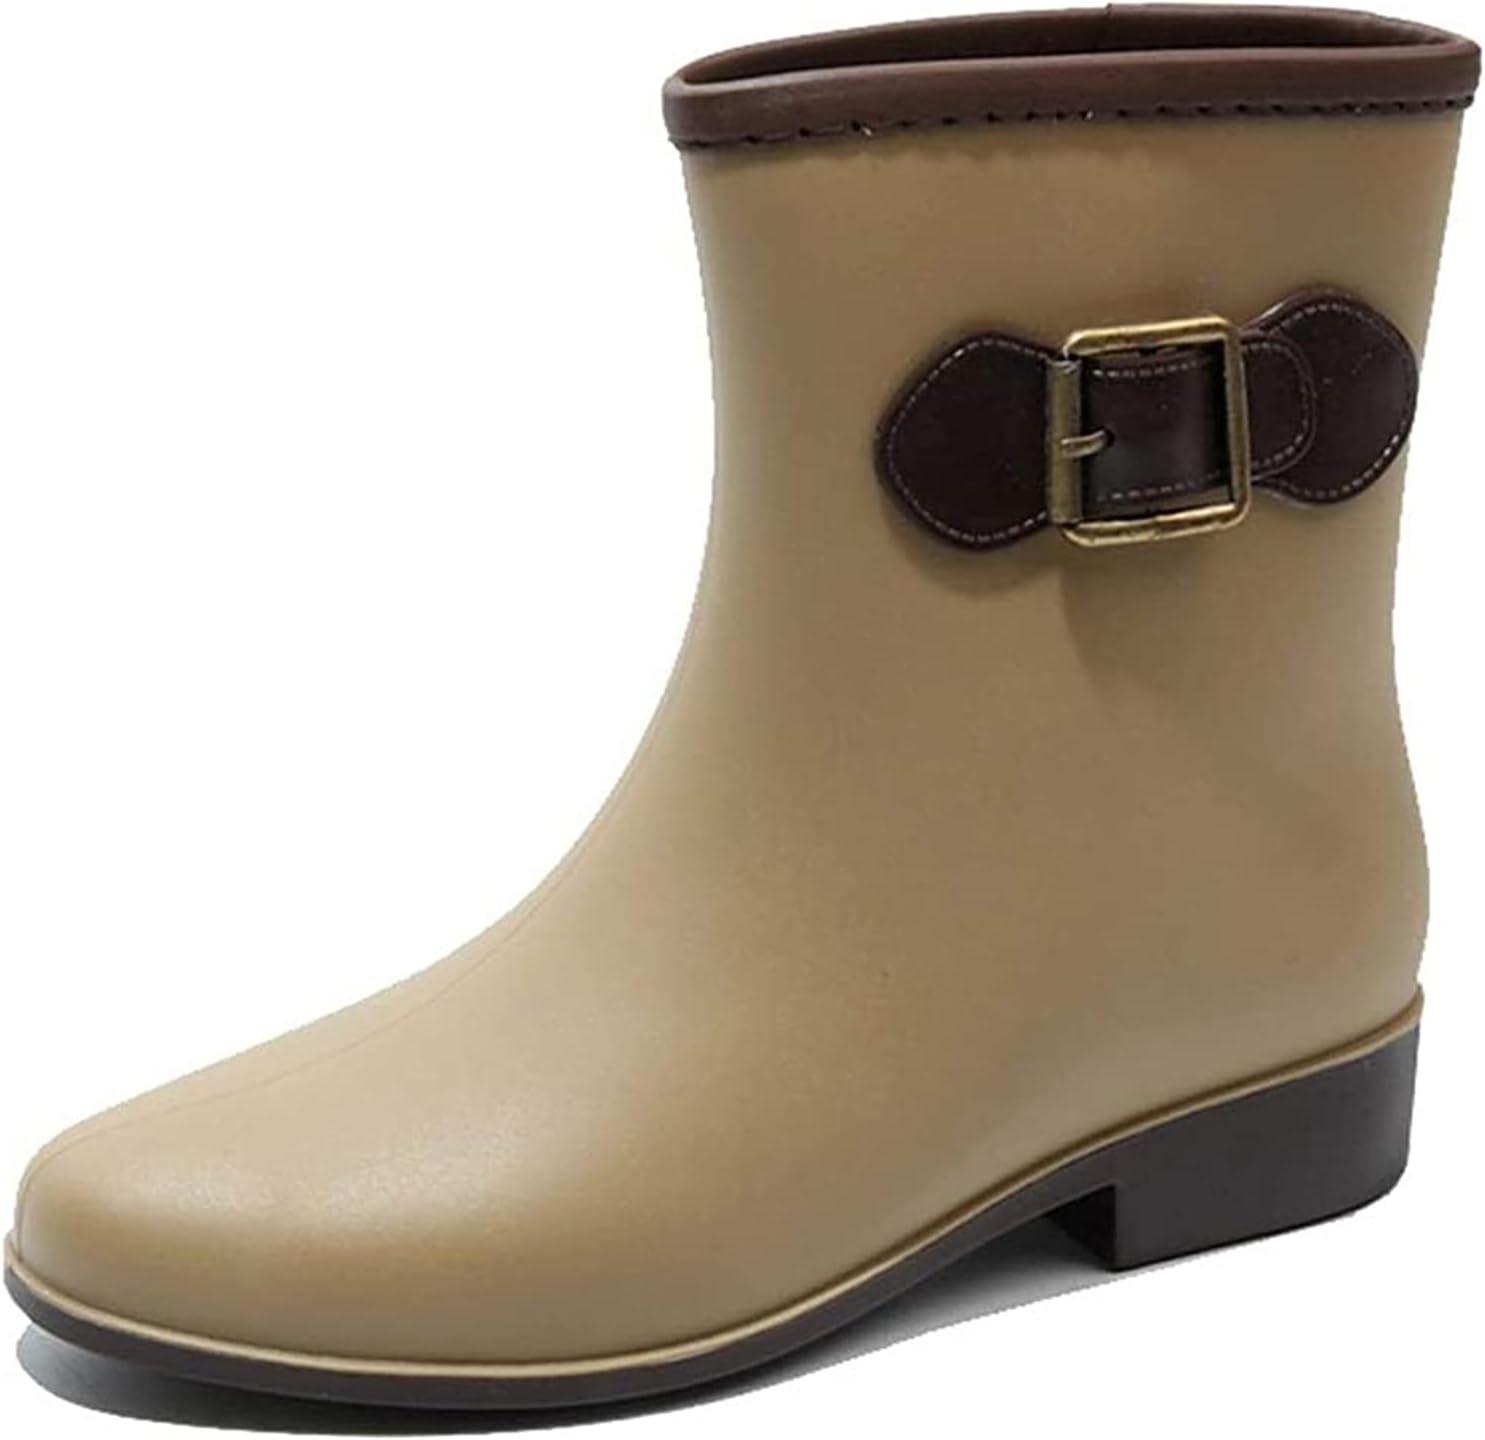 YIWANGO Summer Rain Boots Women's Fashion Wear Non-Slip Boots Waterproof Short Tube Rain Boots rain Boots (Color : Khaki, Size : 38 EU)